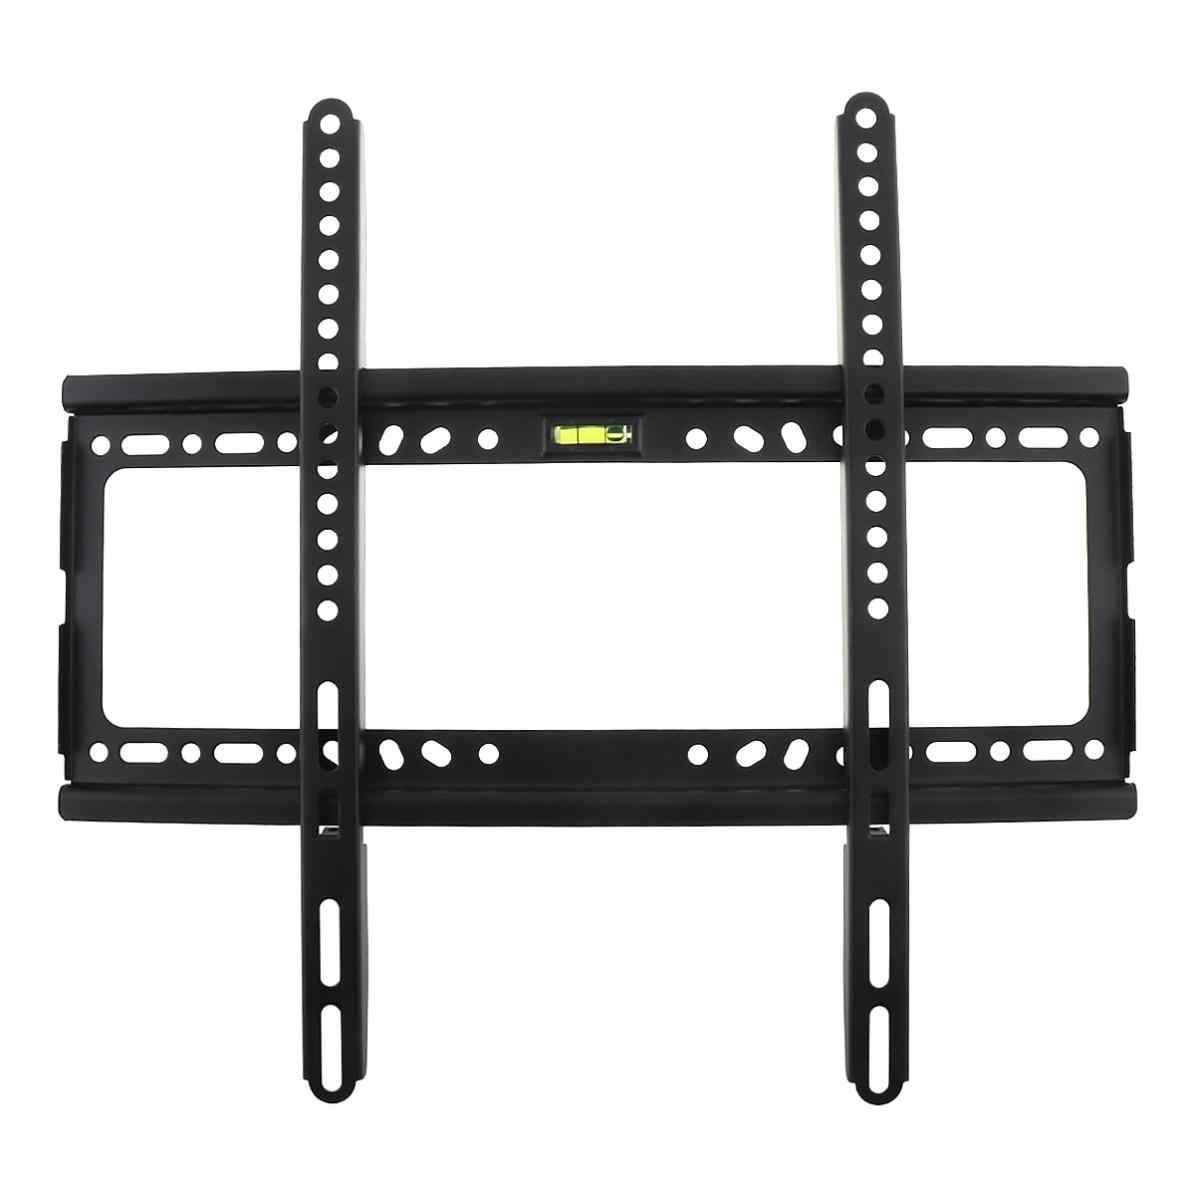 32-55 مؤشر LED LCD بالبوصة رصد شقة عموم العالمي 45 كجم من نوع ثابت رف لتثبيت التليفزيون على الحائط شقة شاشة تلفزيون مسطحة الإطار مع مستوى